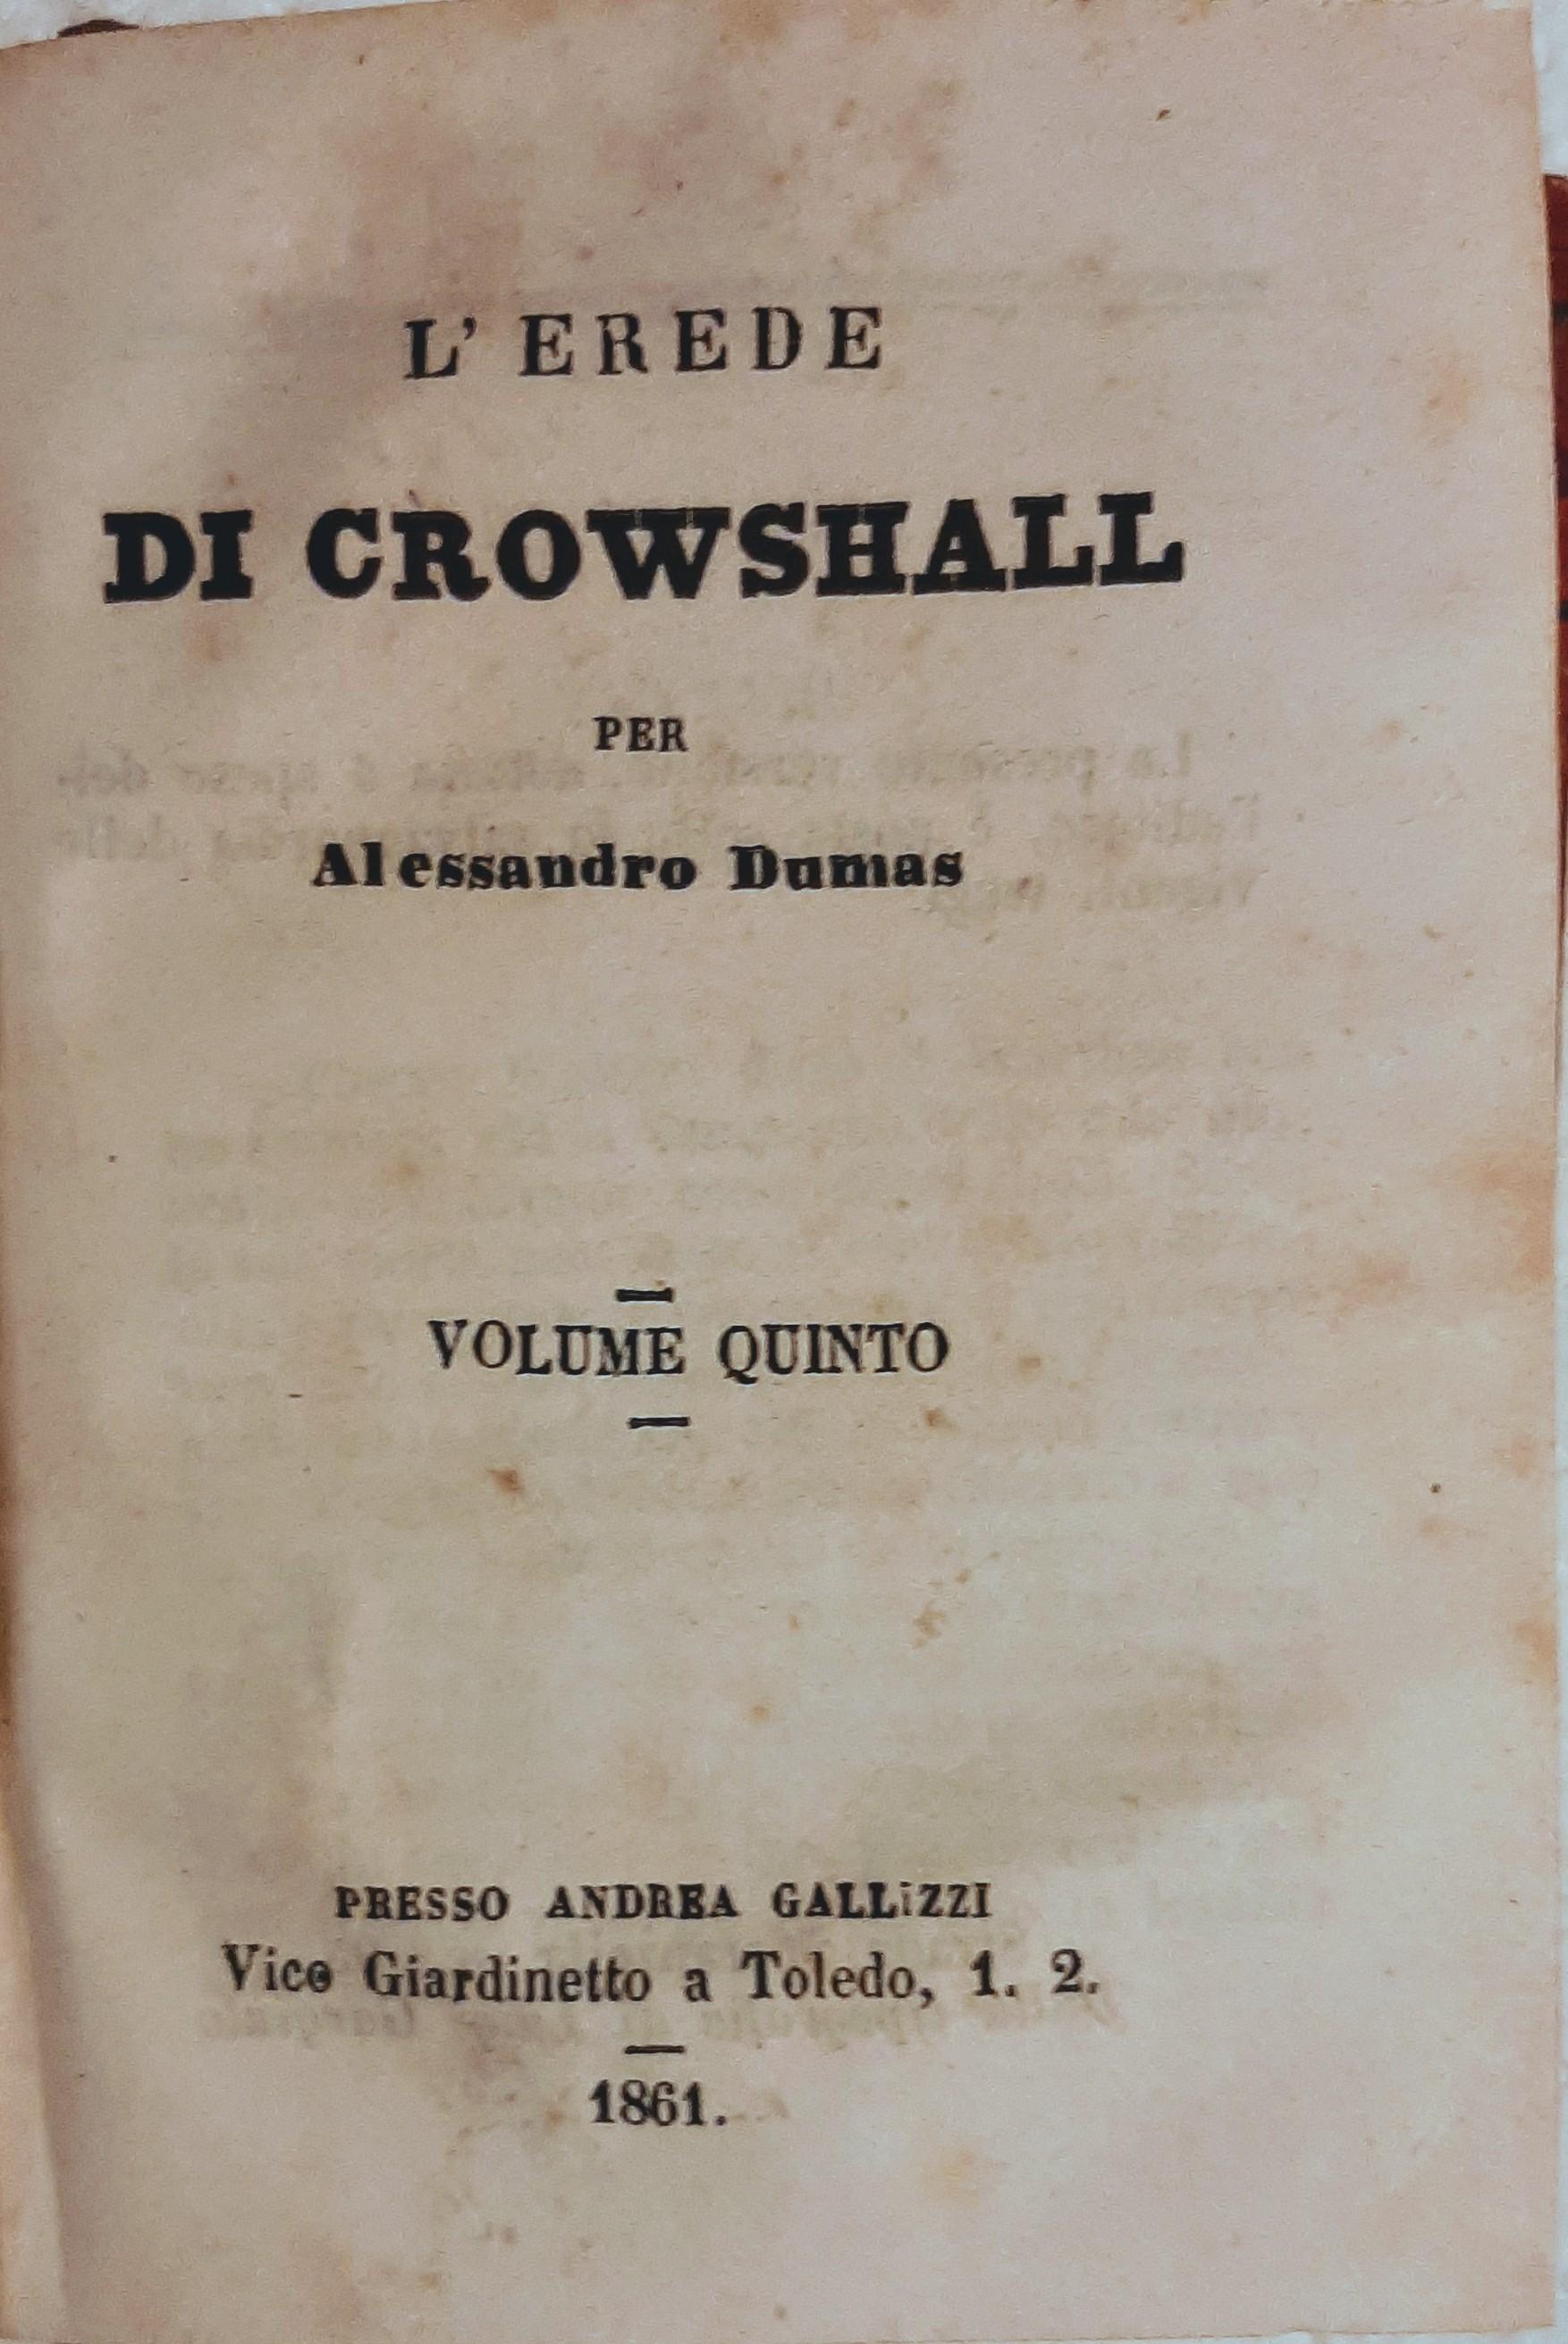 L'erede di Crowshall (vol. V)